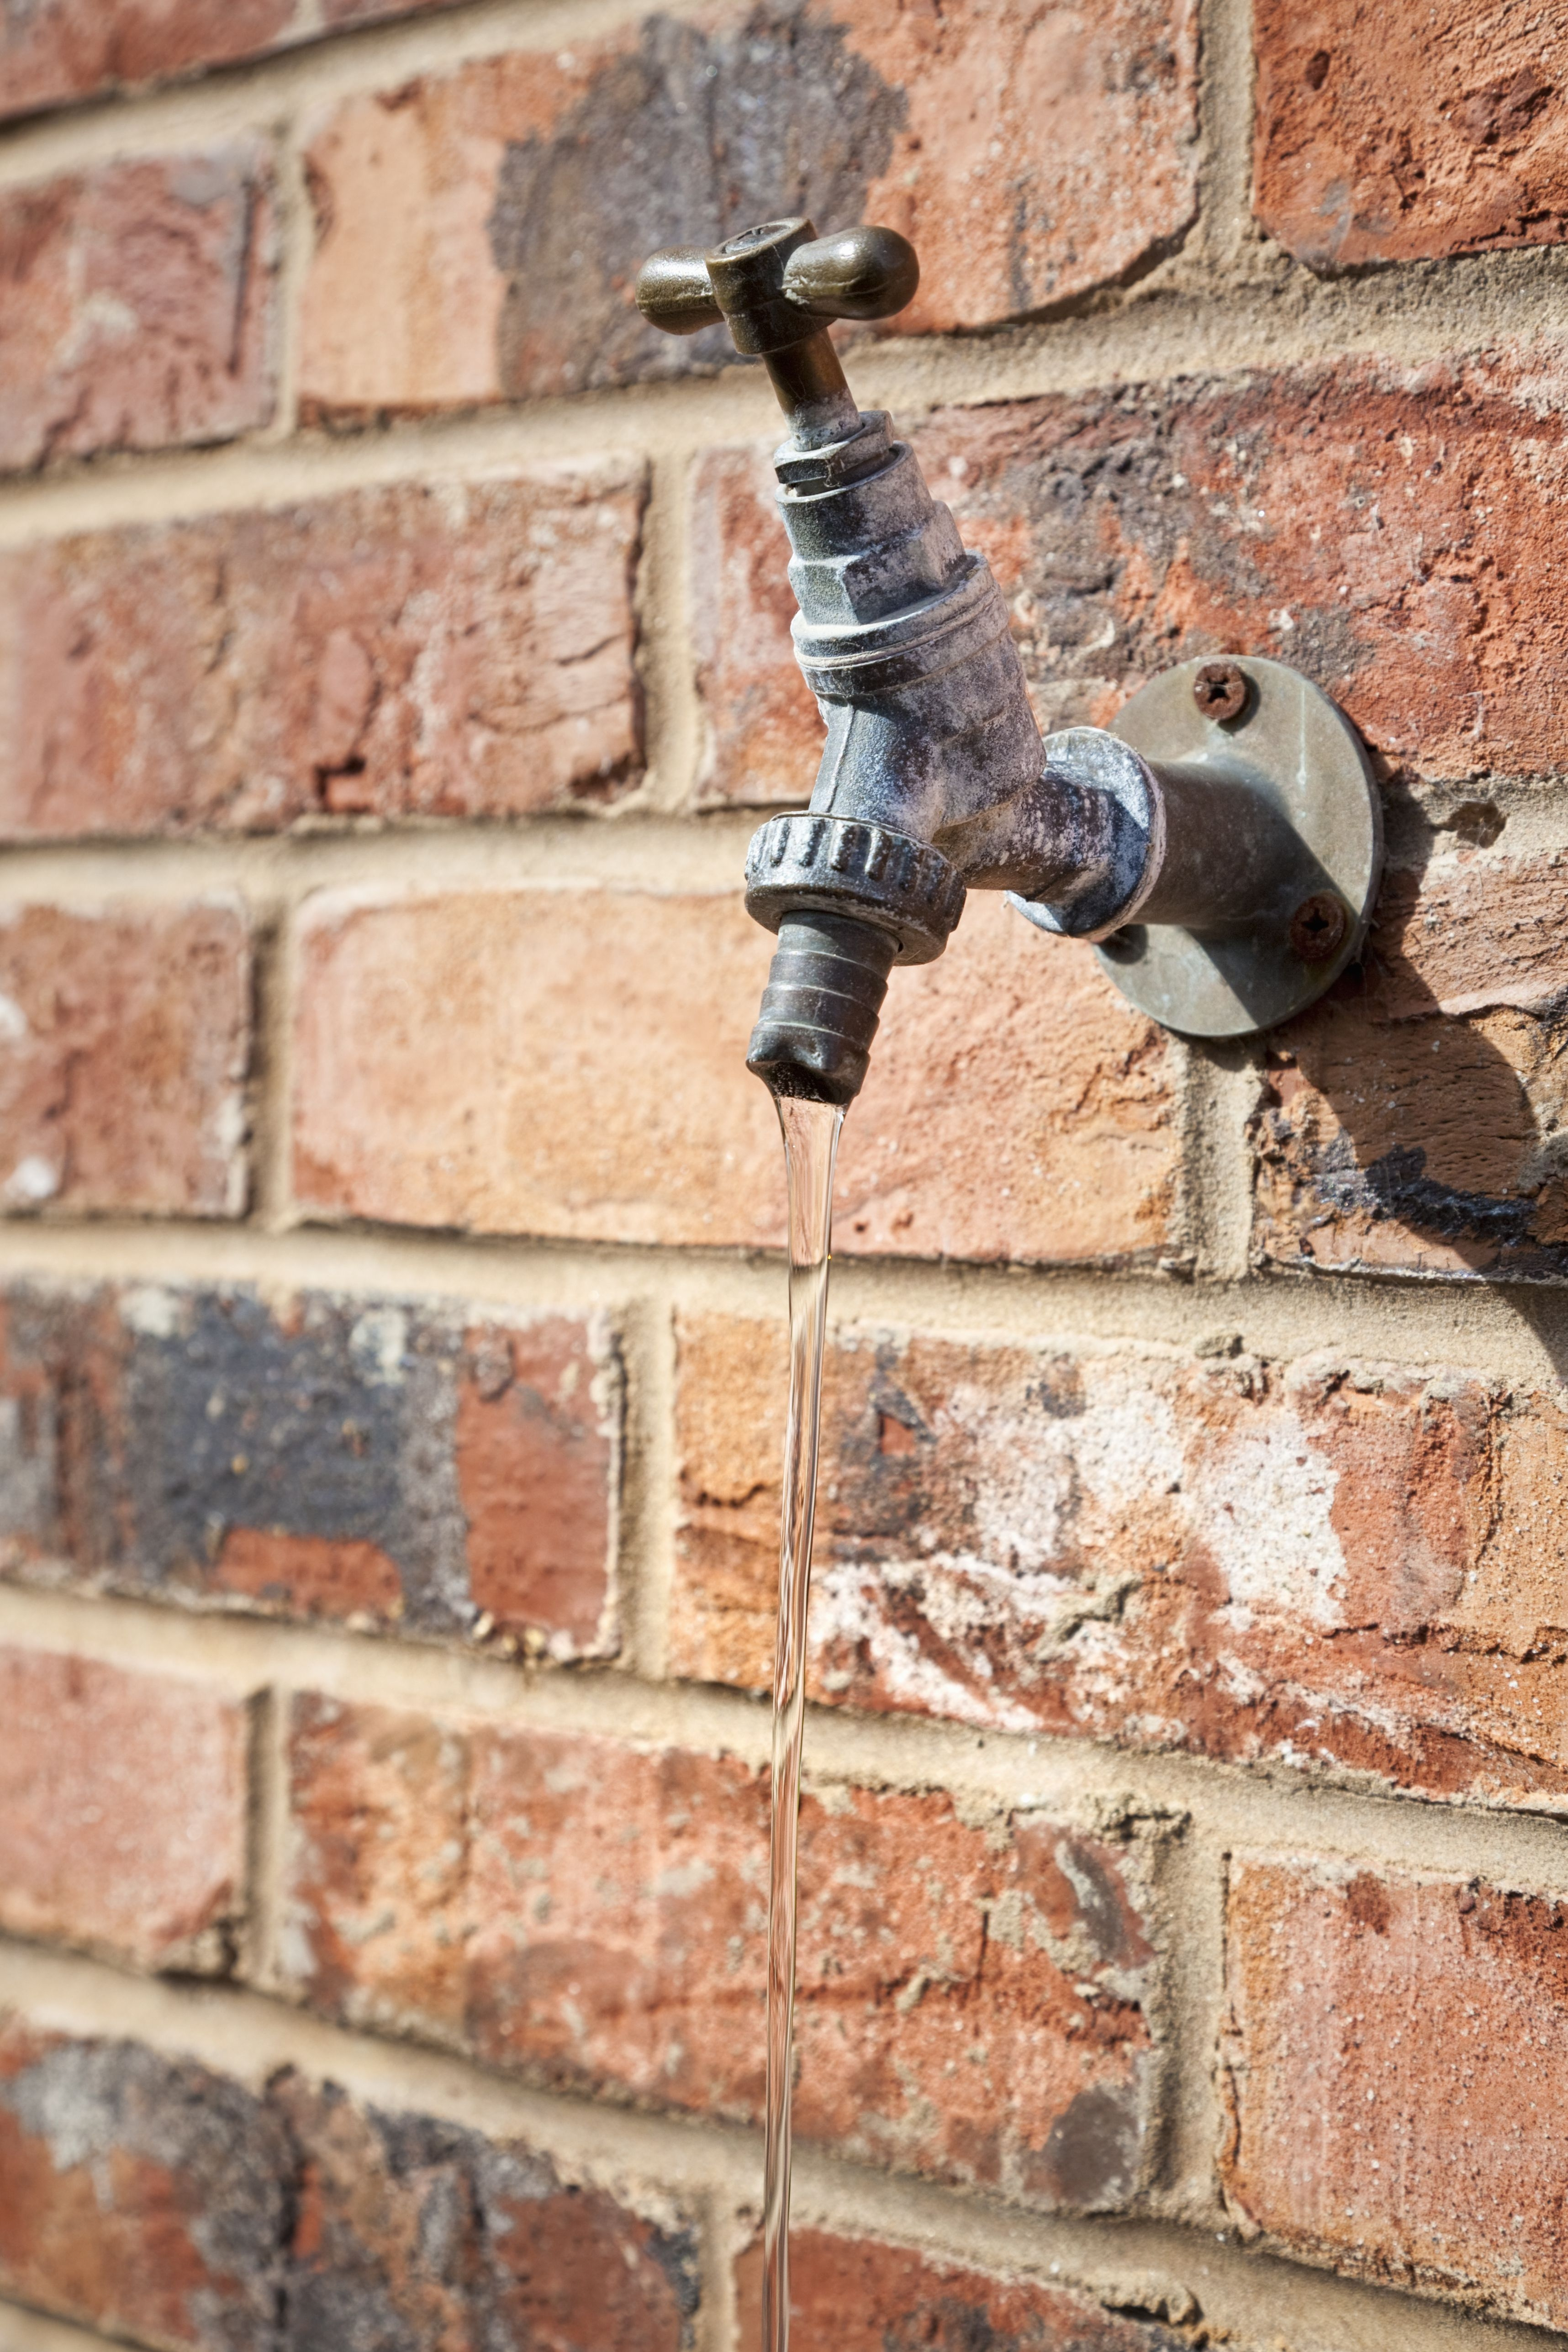 Ideas, outdoor water faucet lock outdoor water faucet lock steps to winterize outside water faucets 3433 x 5150  .